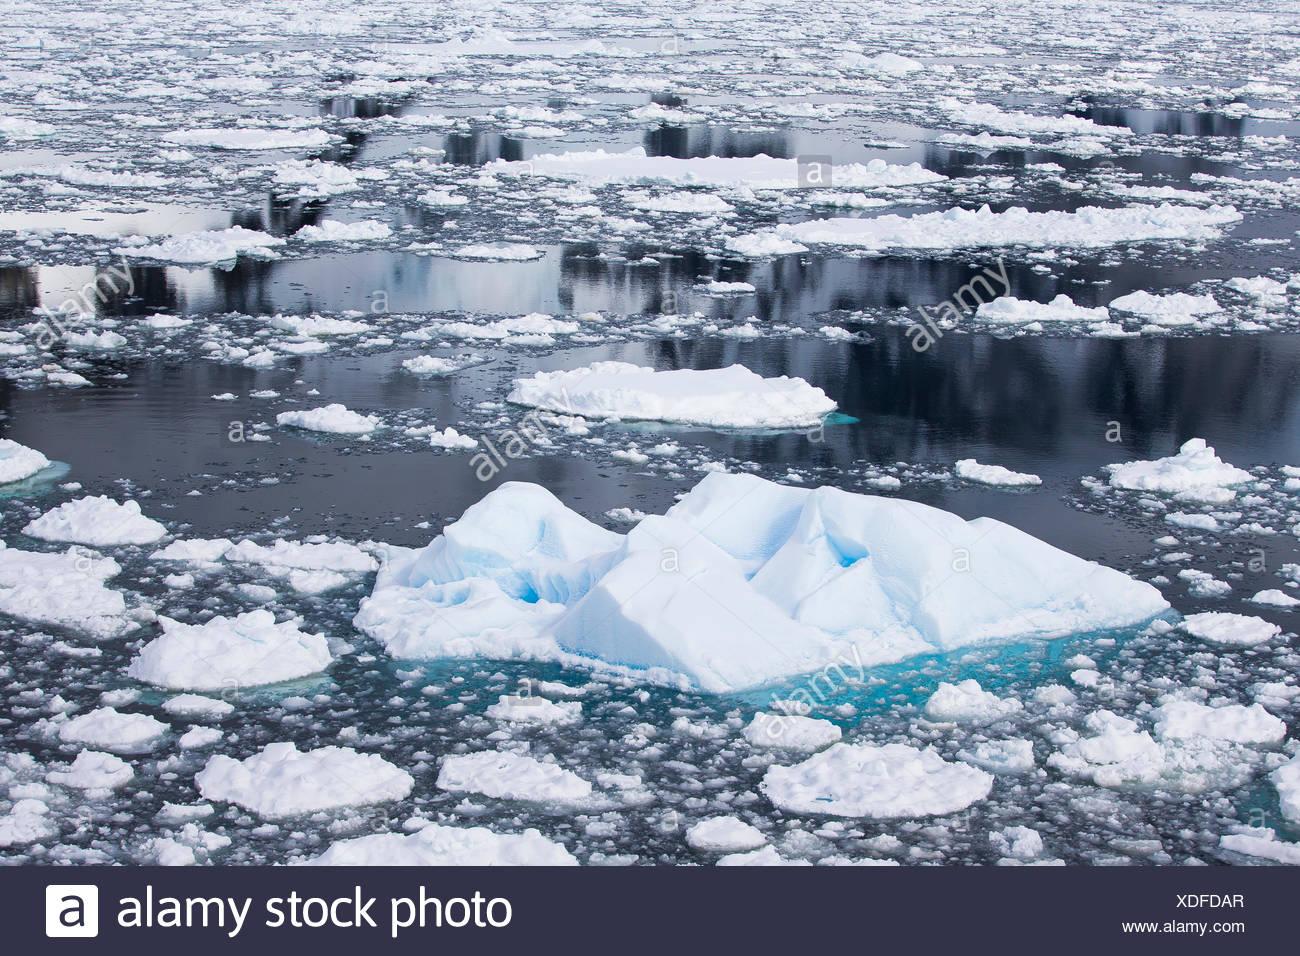 La glace de mer et des réflexions sur l'eau dans l'Antarctique. Photo Stock